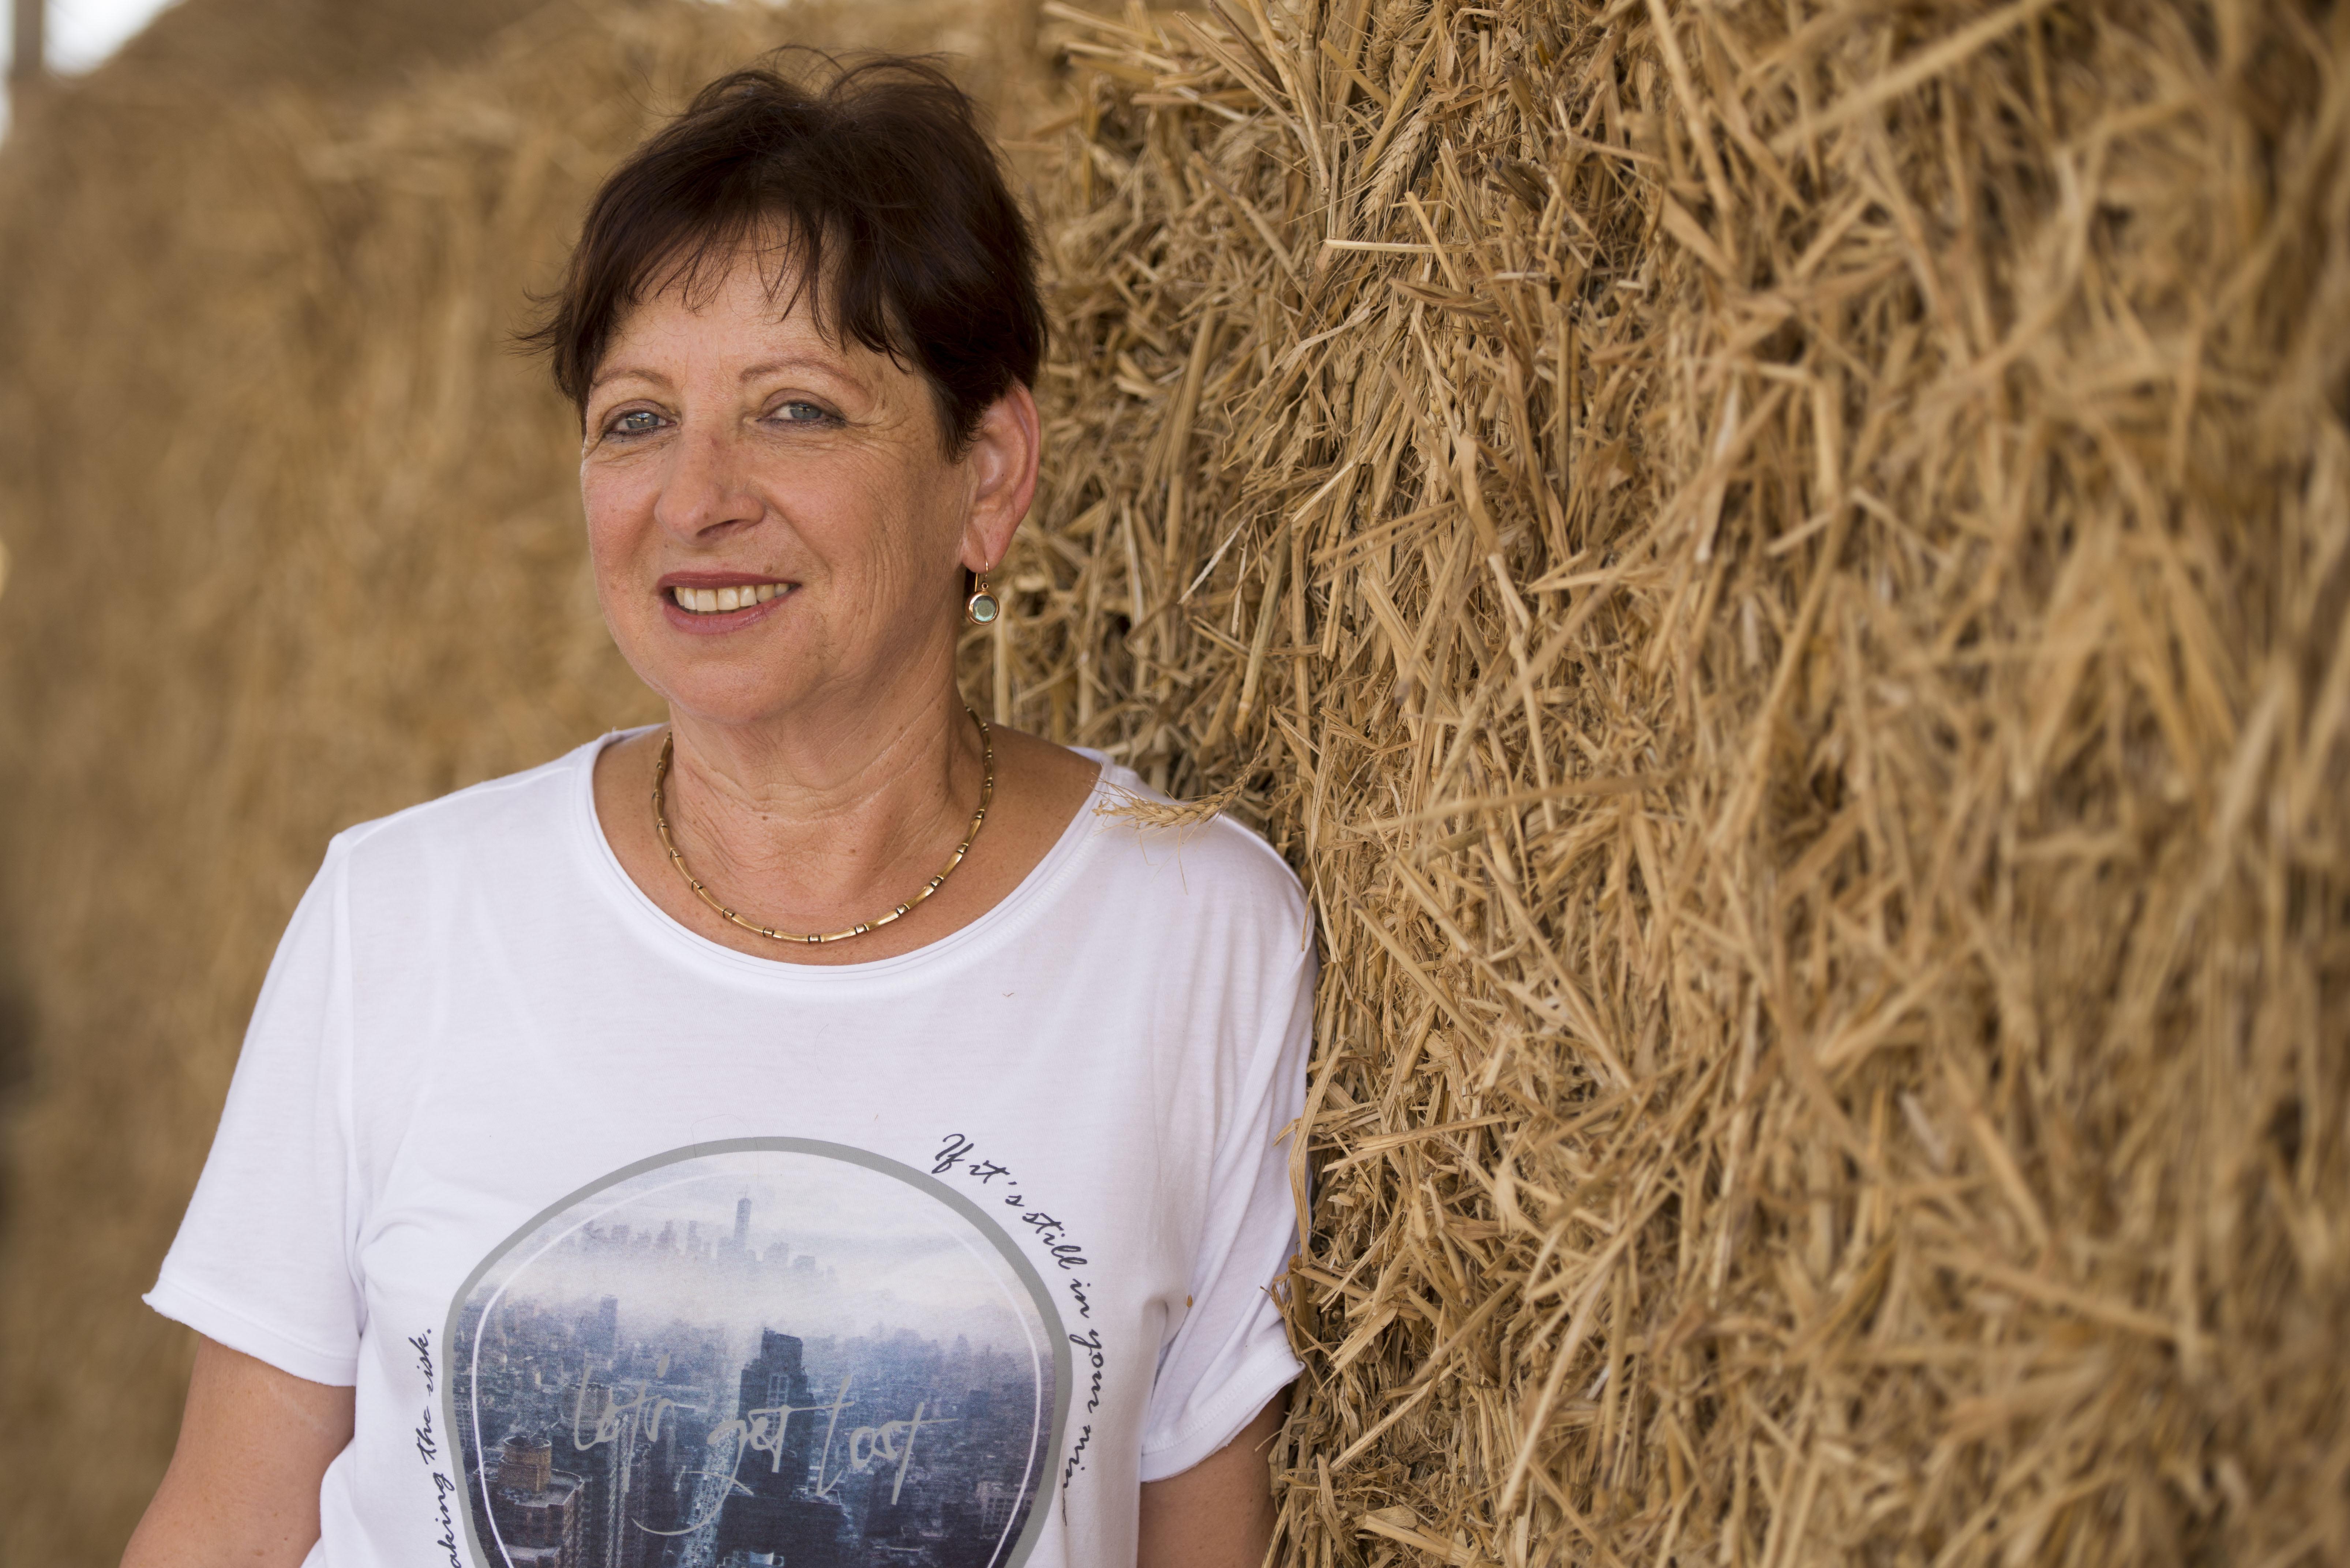 """מיכל קראוס """"לא ניתן לקיים ענף חלב מסודר במדינת ישראל בלי מועצה חזקה"""" – מאת ראובן זלץ"""